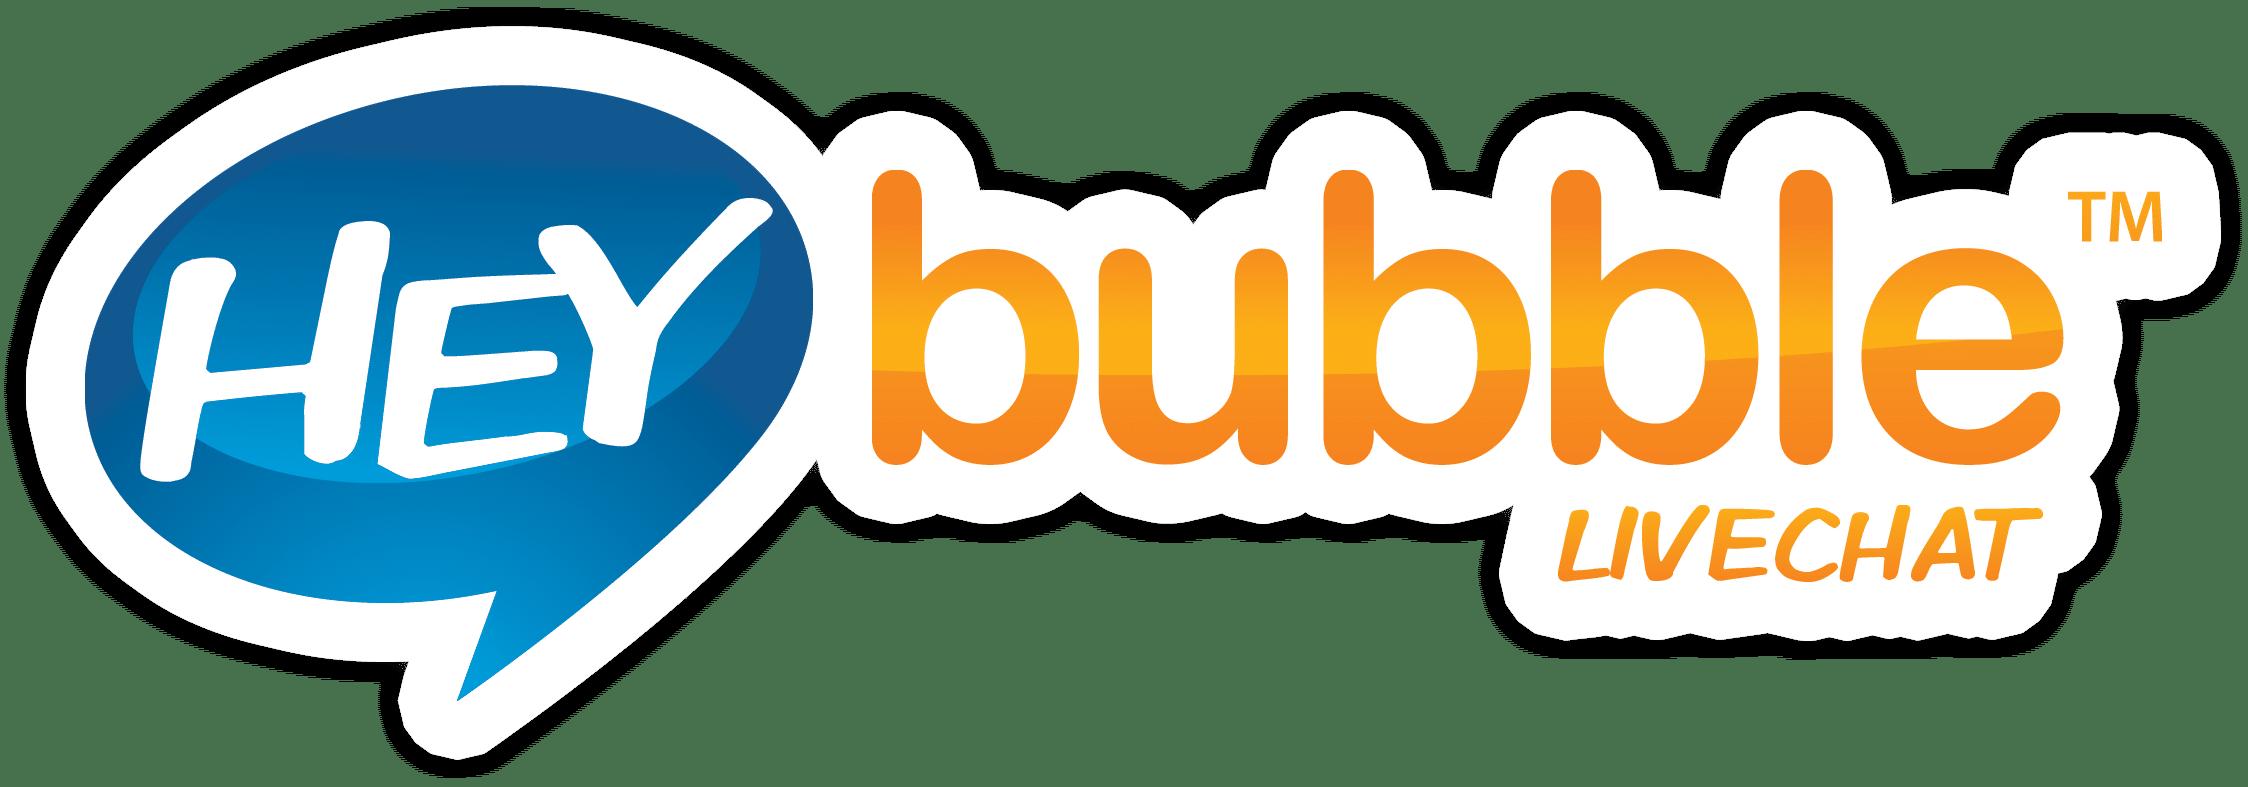 heybubble